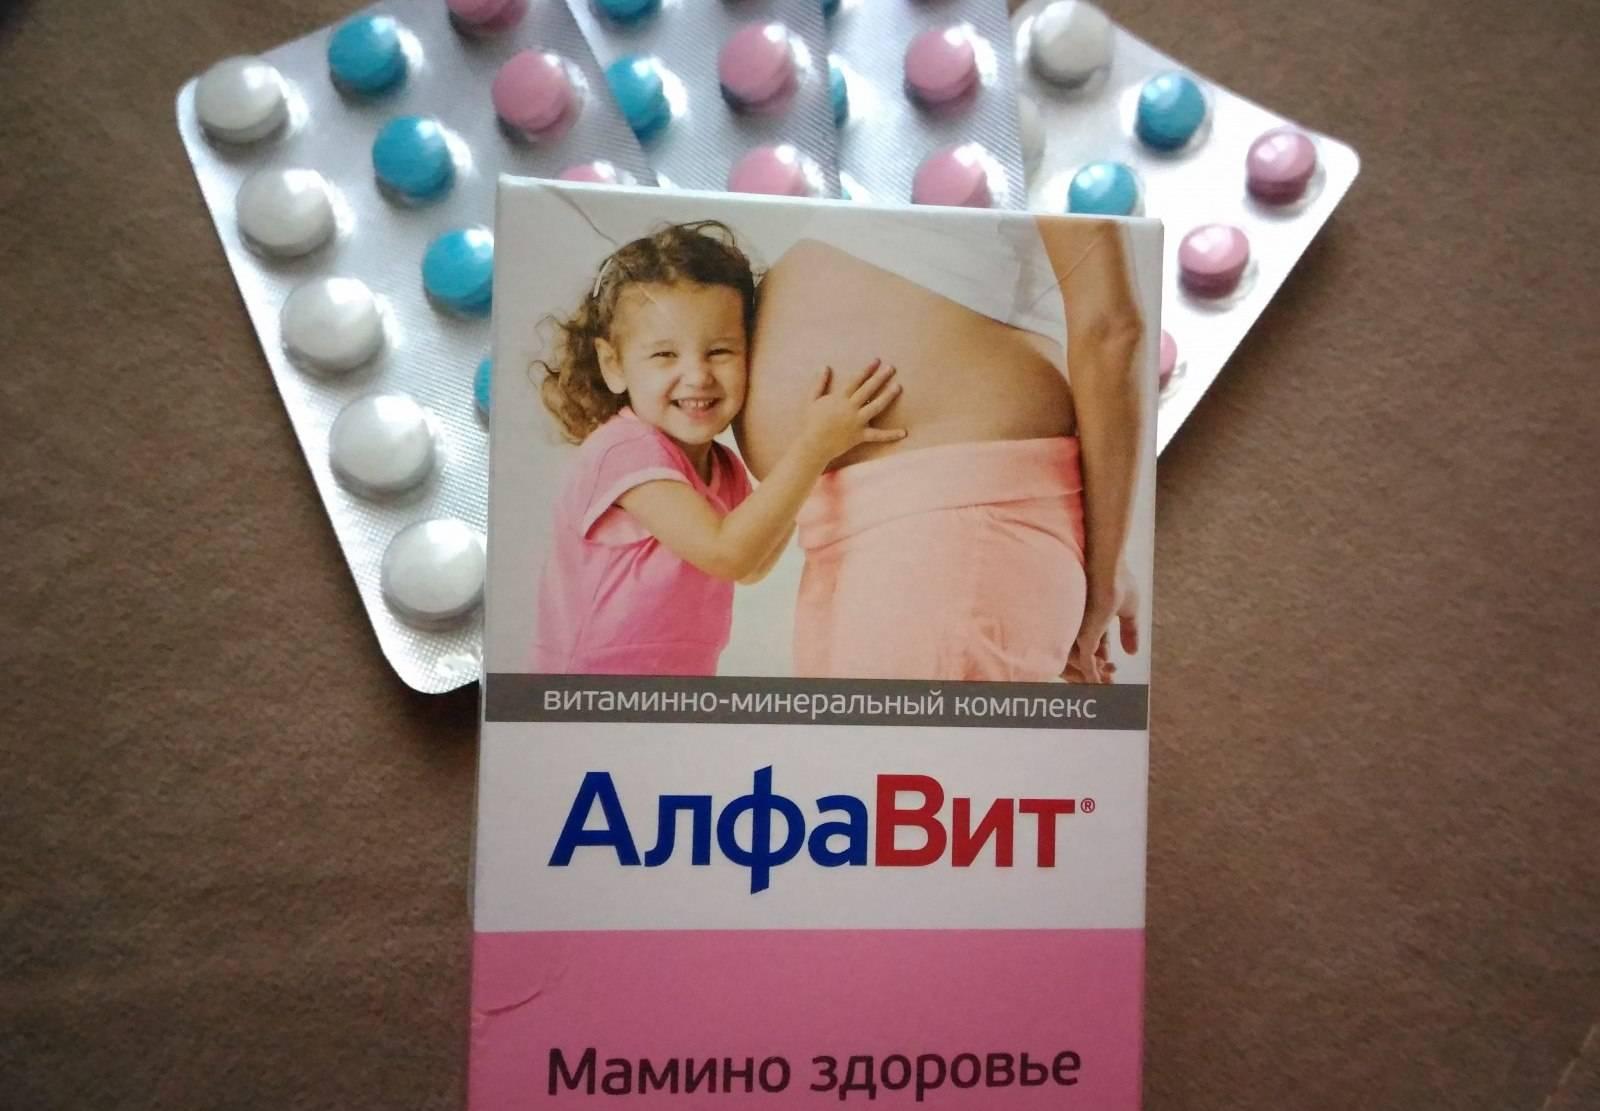 Какие витамины для беременных в 1, 2 и 3 триместре лучше и эффективнее?